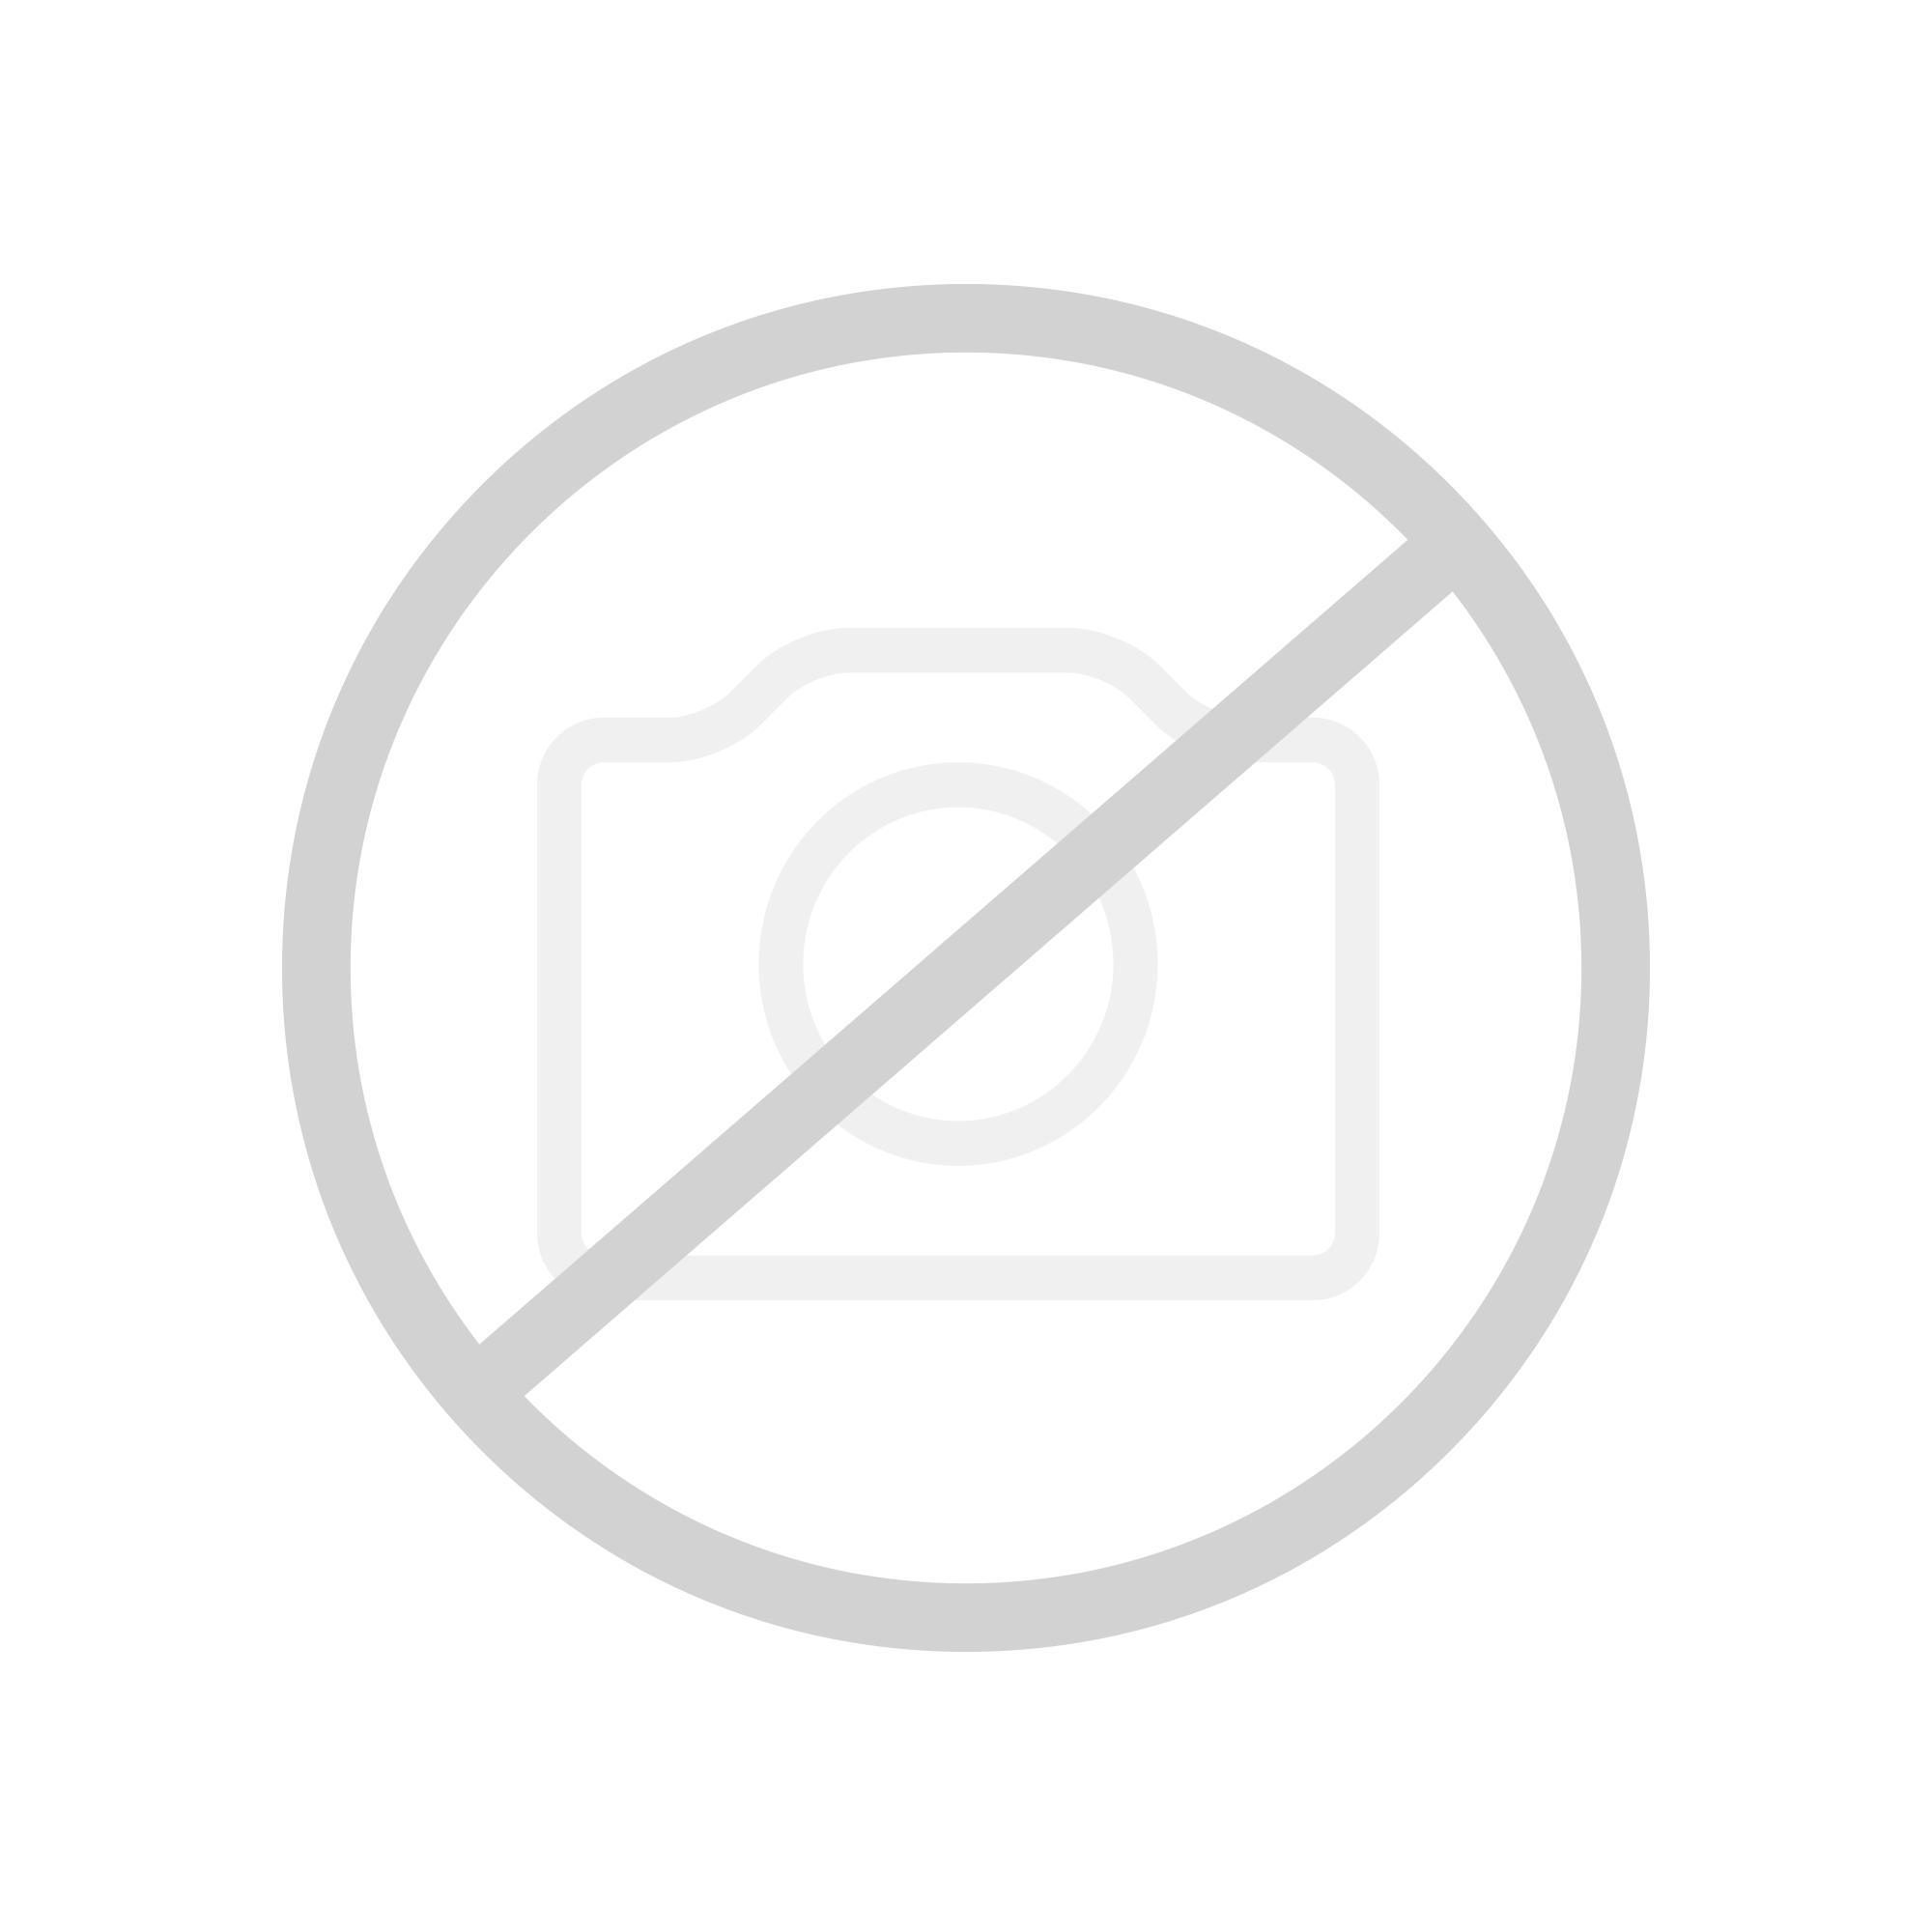 antoniolupi BARREL bodenstehender Waschtisch pietra sinai